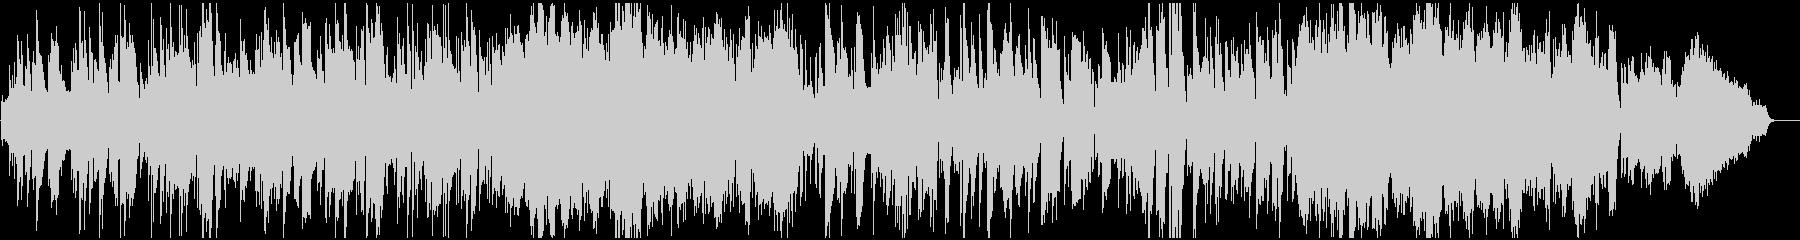 アンニュイで大人な雰囲気満載のBGMの未再生の波形